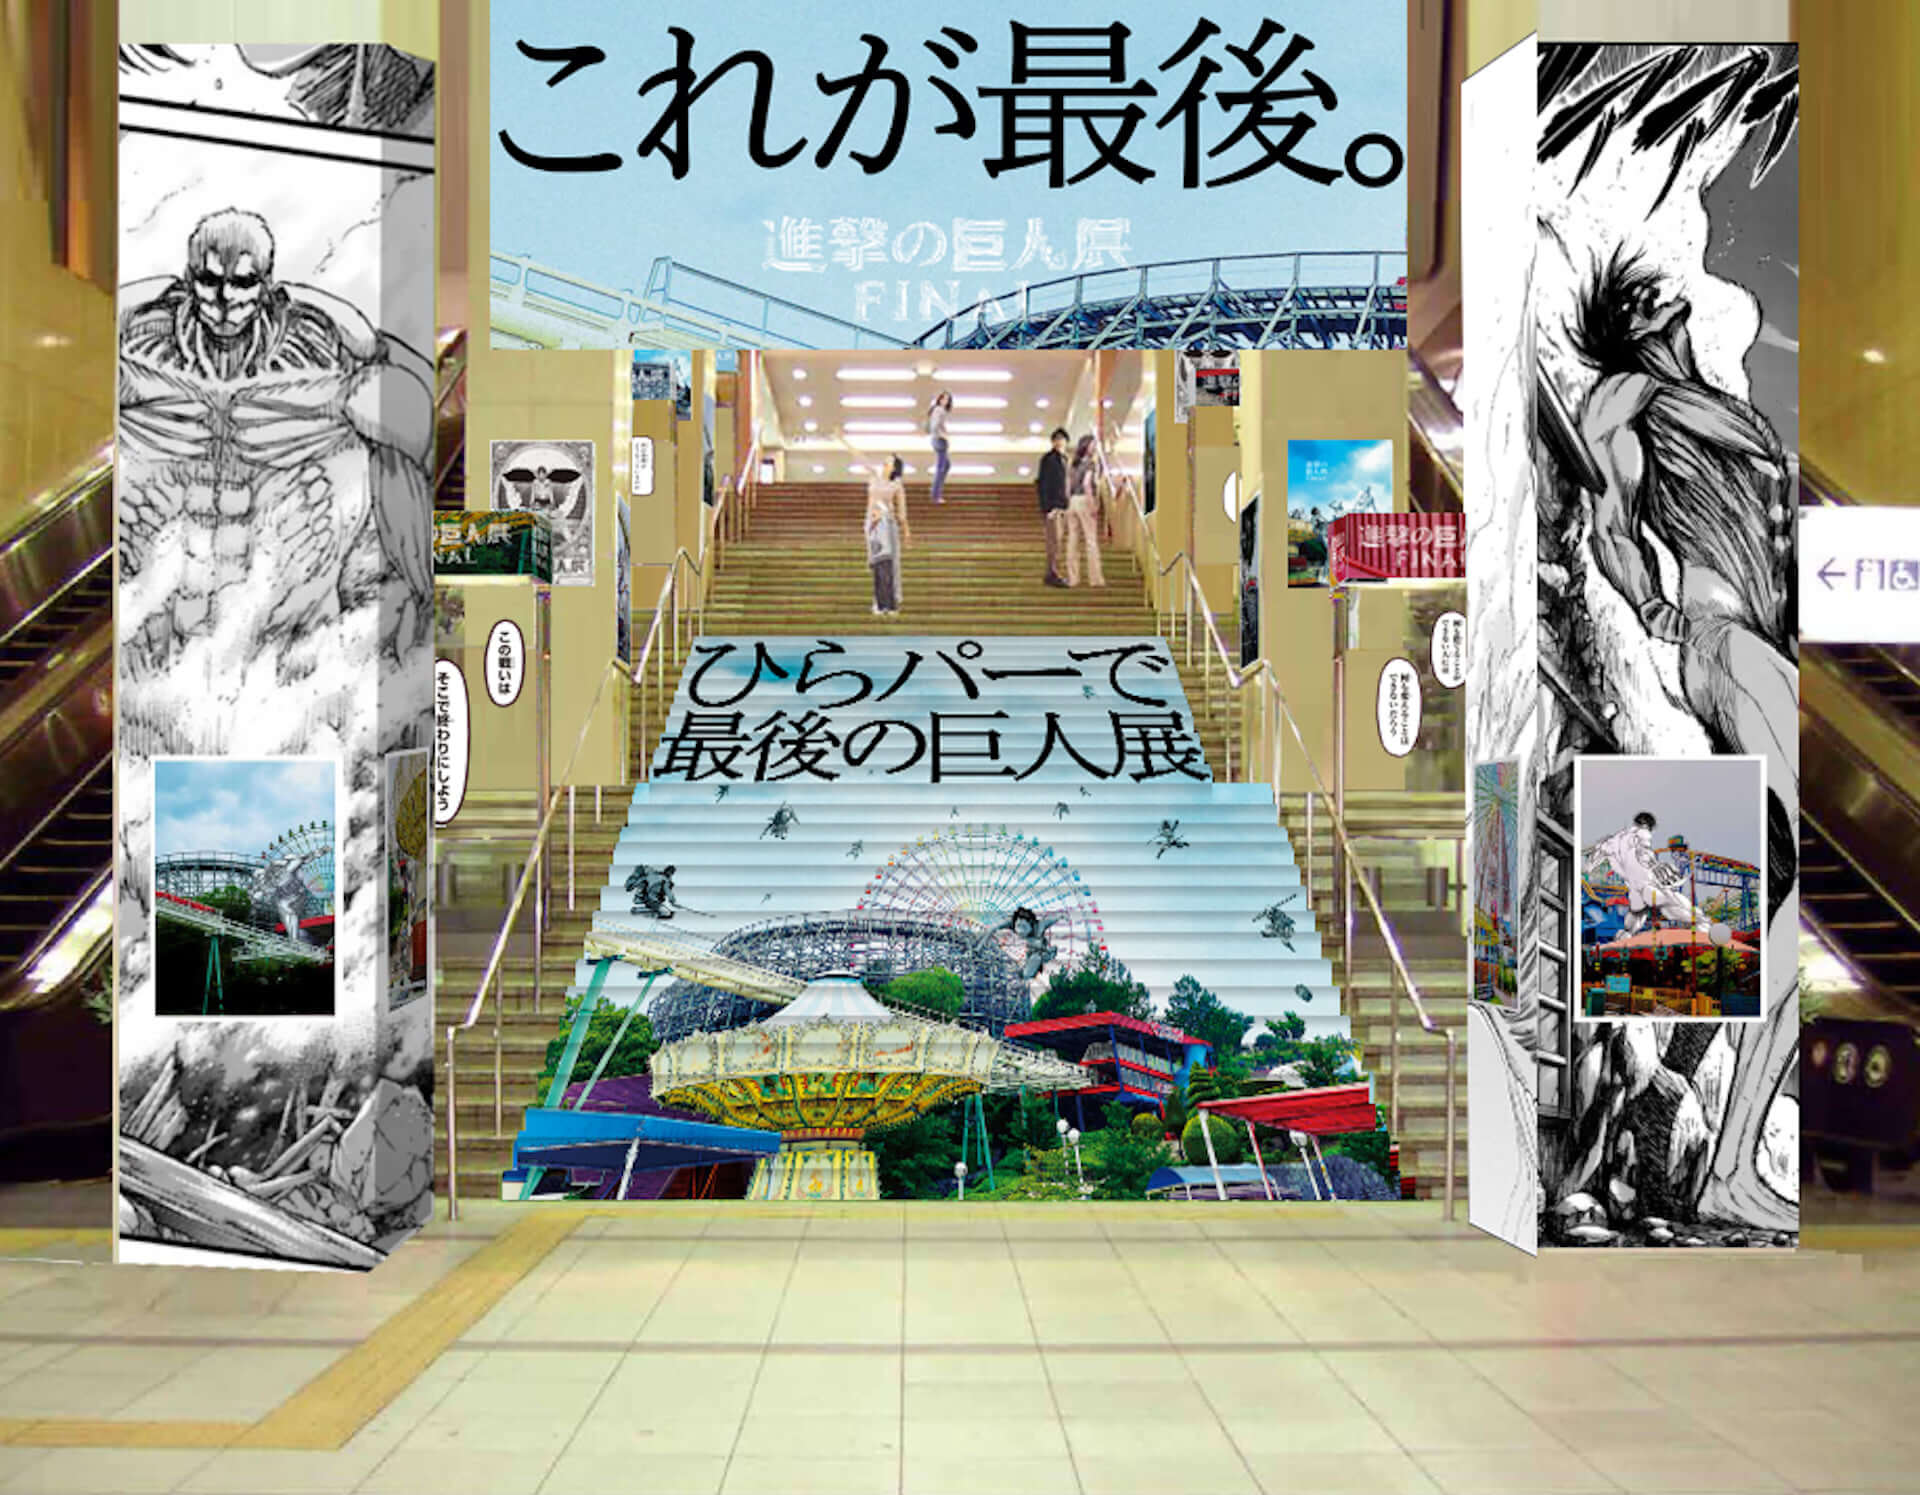 進撃の巨人がひらパーに襲来!<進撃の巨人展FINALinひらかたパーク>が開催|大阪展限定描き下ろしアニメイラストも公開 art190913_shingekinokyojin_hirakata_13-1920x1495